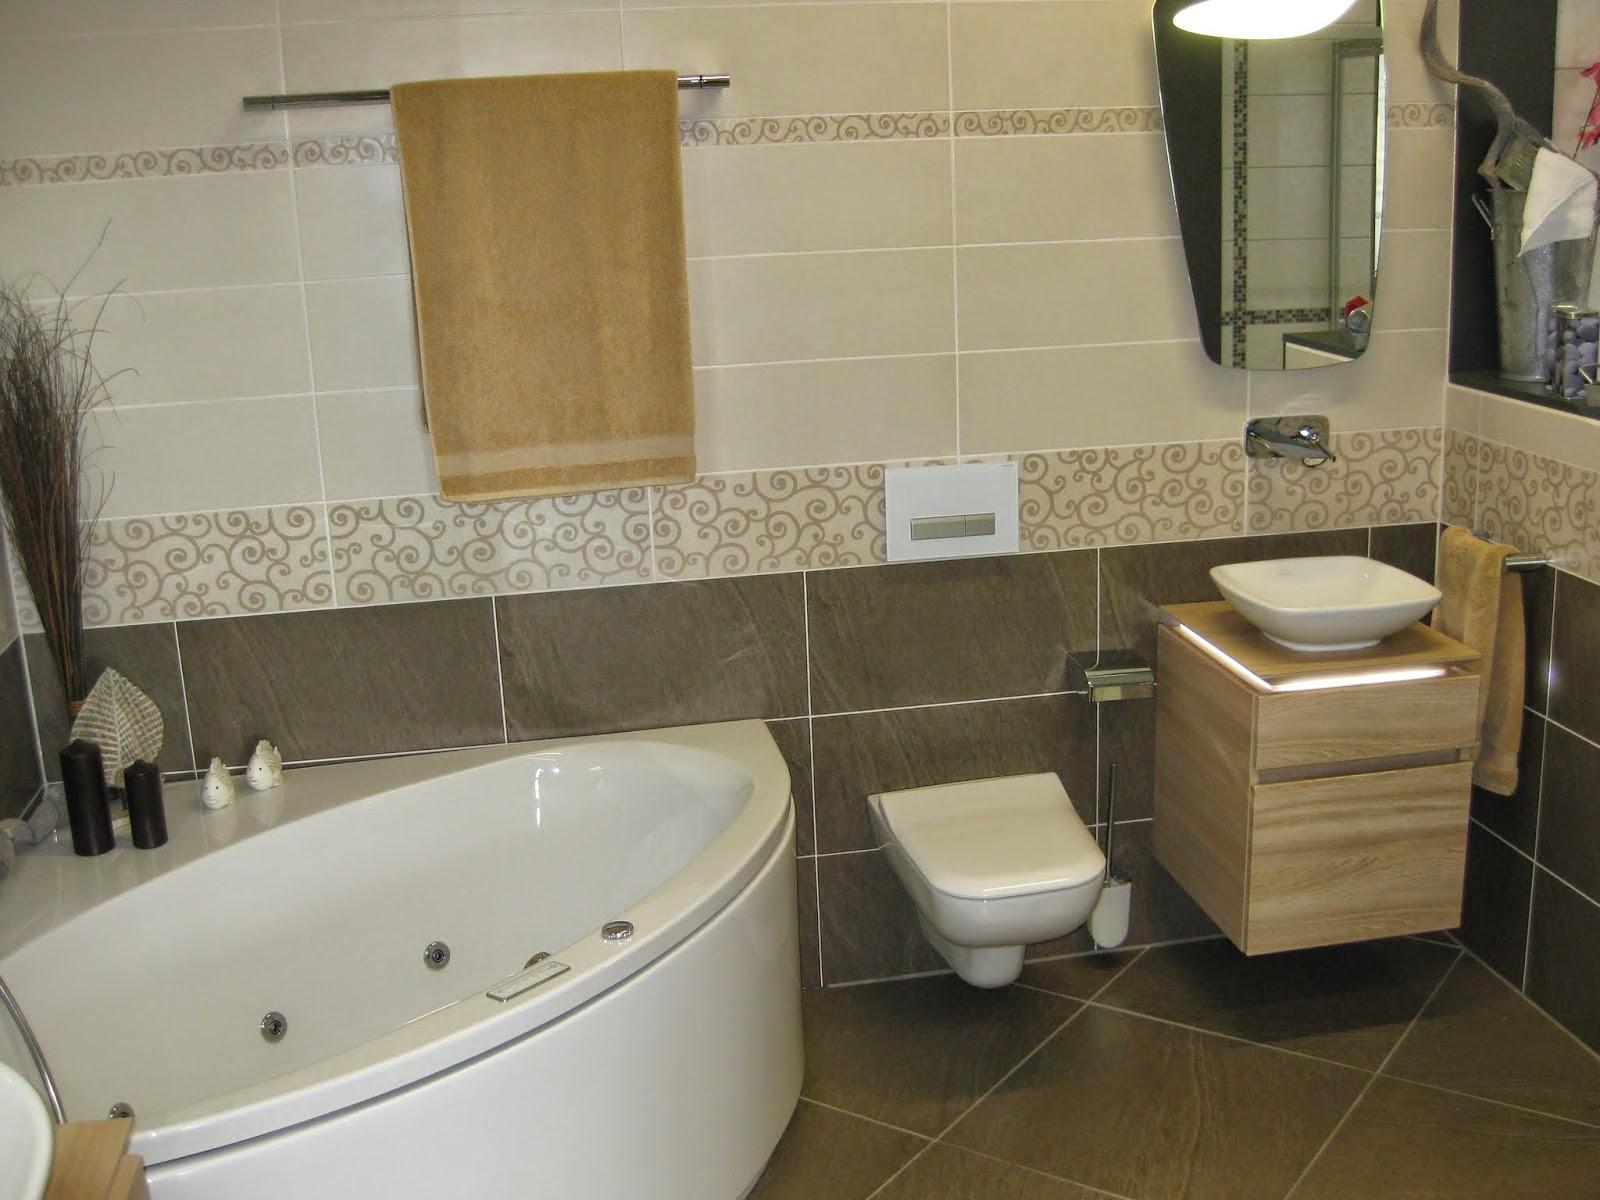 Toilette, Waschbecken Sowie Drücker Und Badewanne (im Standard)